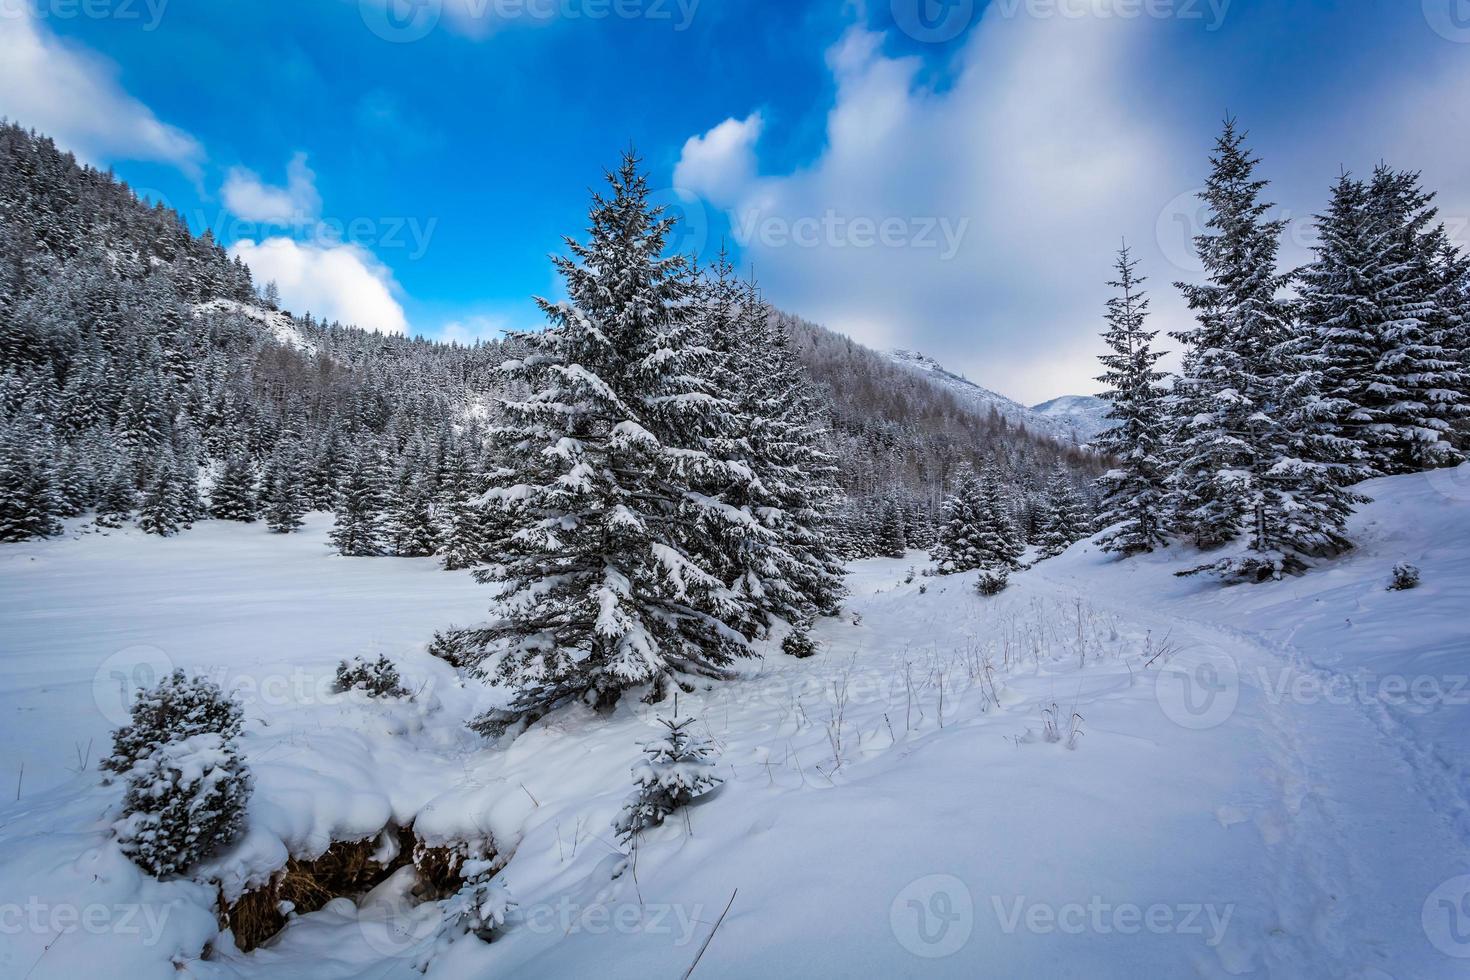 snöväg i bergsdalen foto